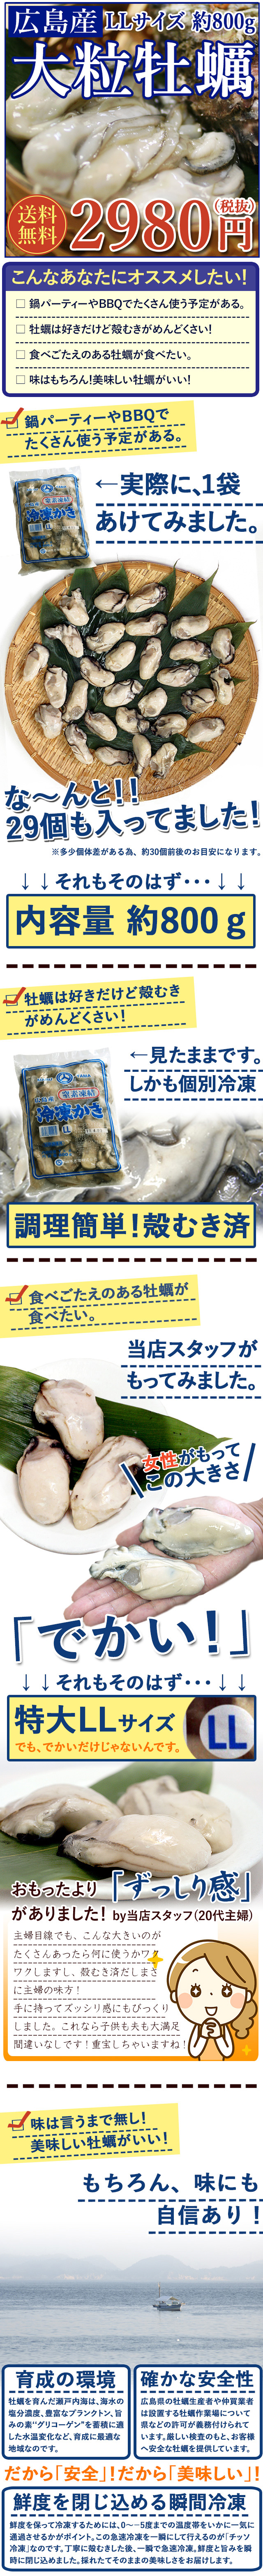 """殻むき済・個別冷凍だから好きな分だけ簡単調理♪ ずっしり大粒LLサイズのプリッとジューシー濃厚なコクと味わい。業務用「広島産""""特大""""大粒牡蠣」"""